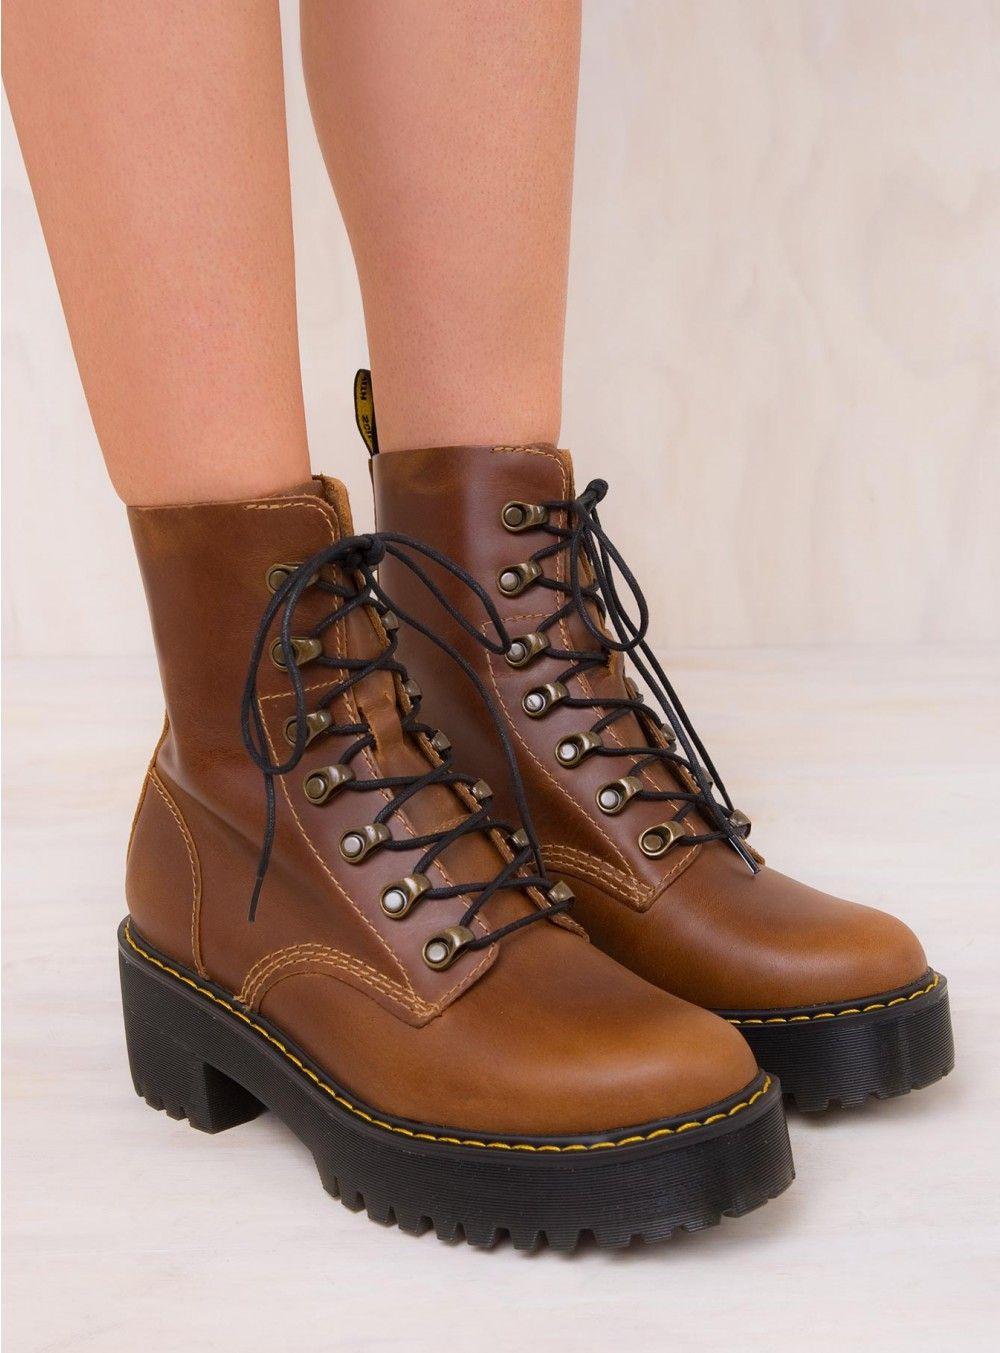 Dr. Martens Leona Butterscotch Orleans Boots   Shoes   Shoes, Boots ... a30410c0abb5